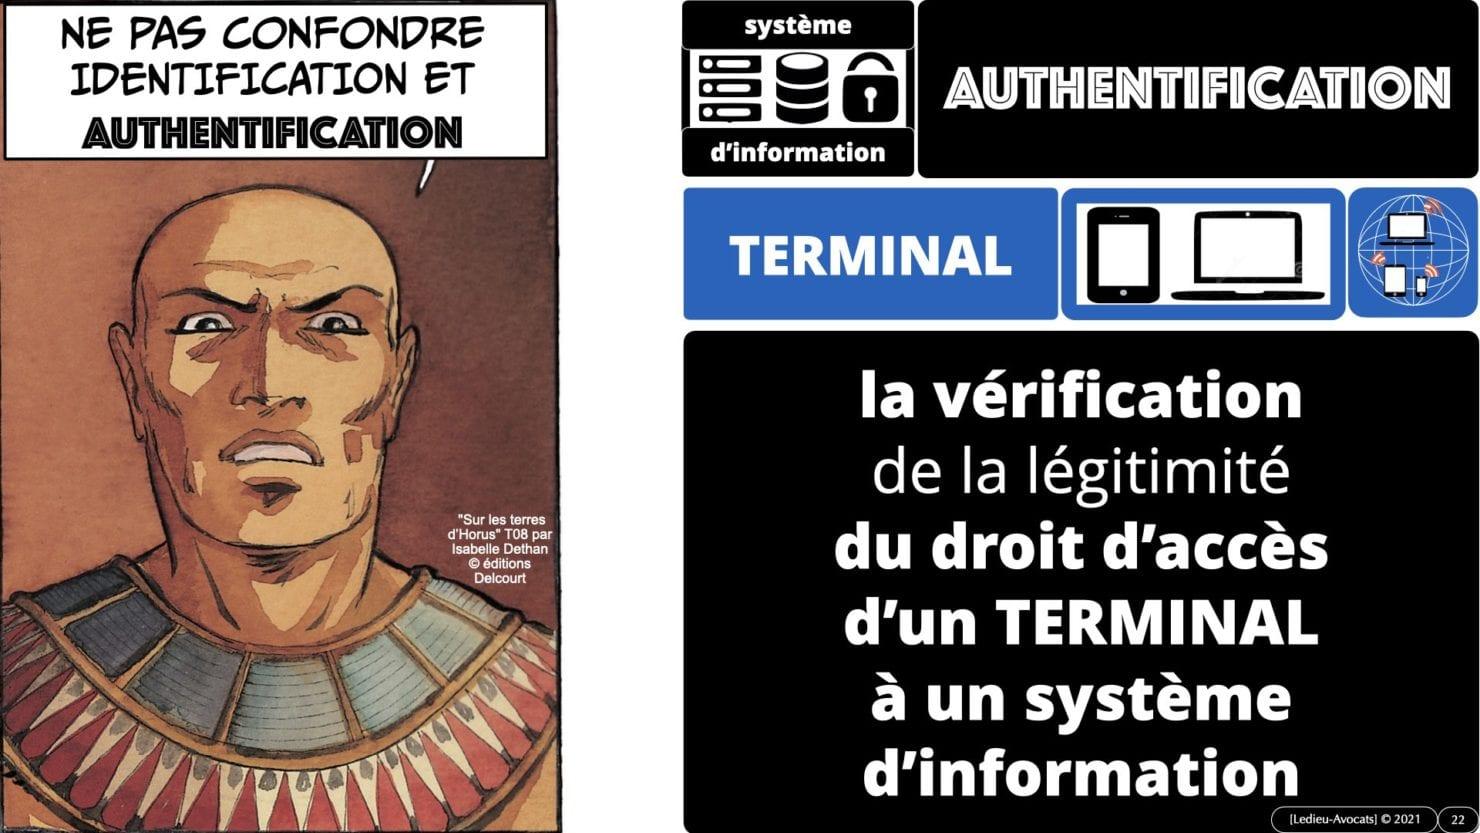 341 chiffrement cryptographie symetrique asymetrique hachage cryptographique TECHNIQUE JURIDIQUE © Ledieu-Avocat 05-07-2021.022